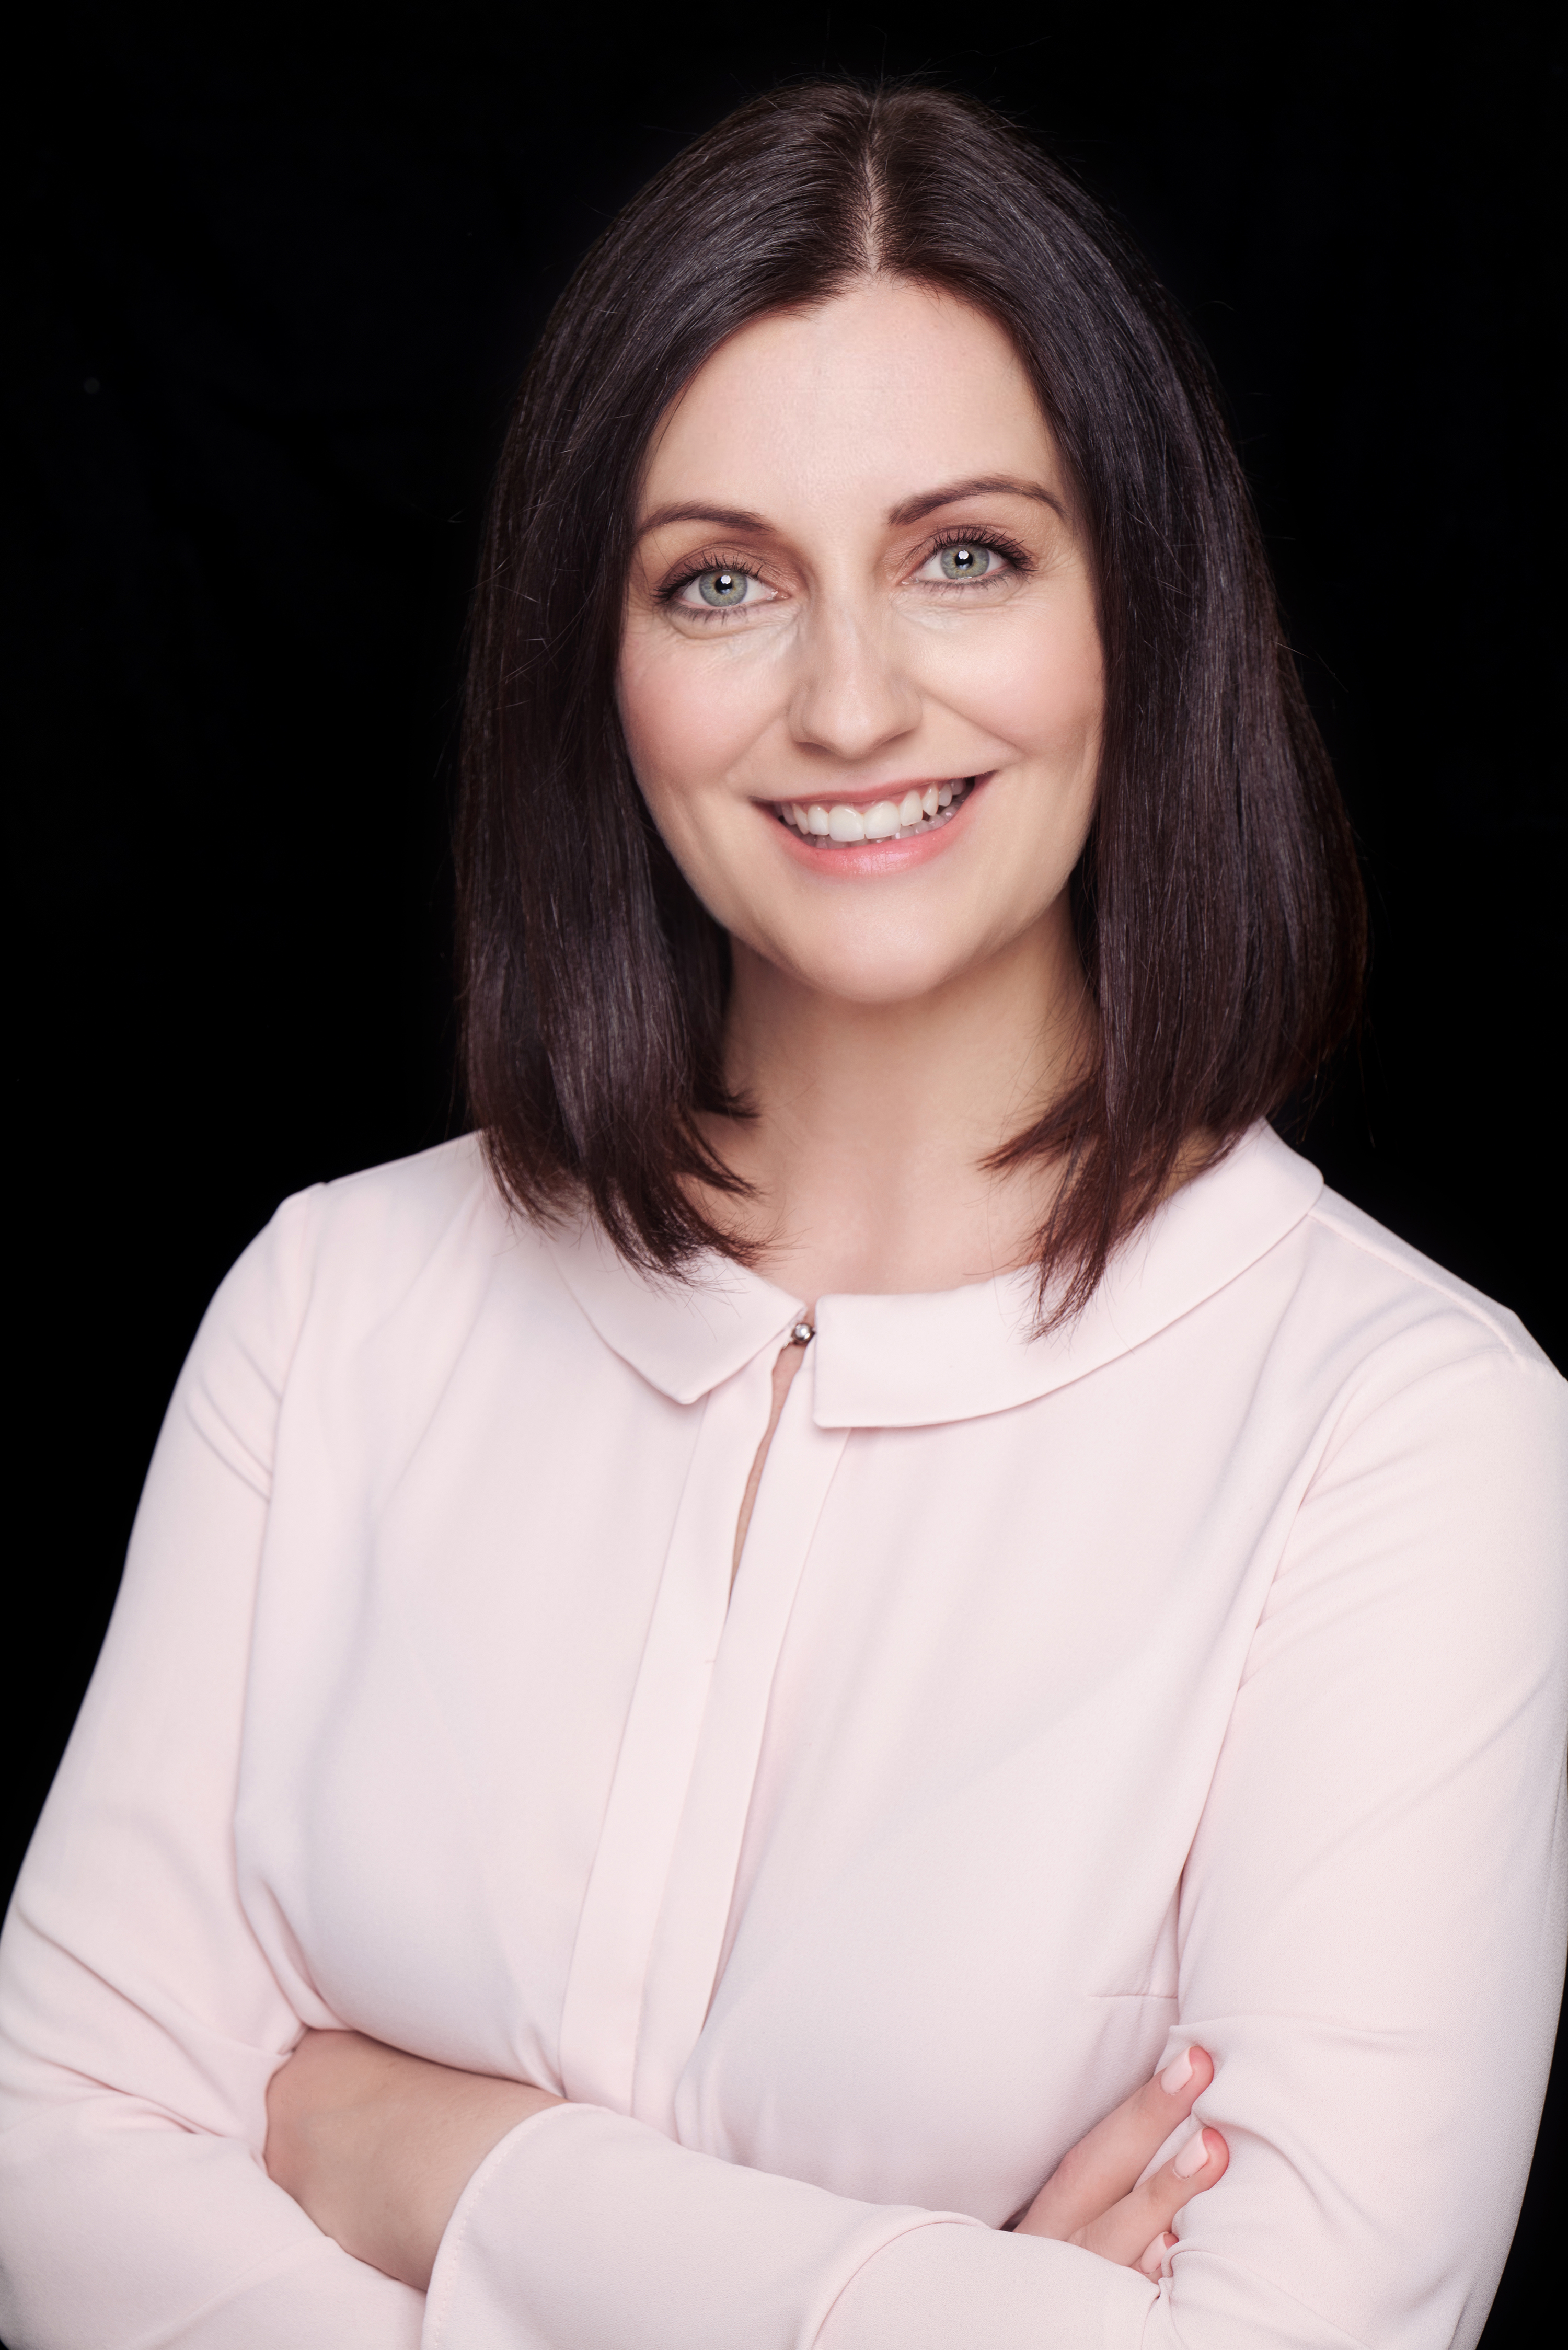 Daniela Shardinger